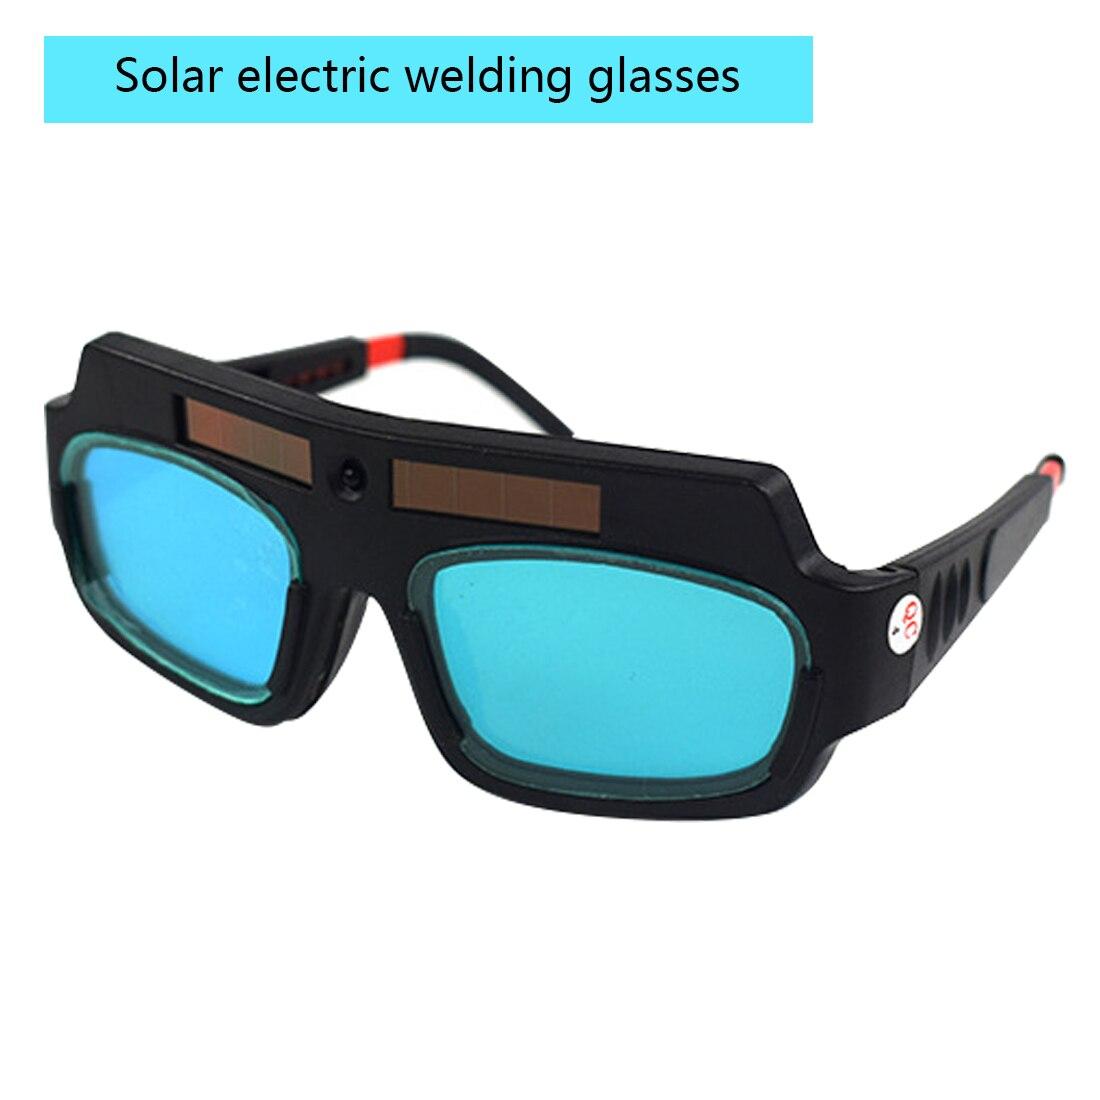 1 шт. ОТличные очки для защиты от сварки на солнечных батареях Автоматическая Затемняющая Сварочная маска шлем Очки сварщика дуговые линзы